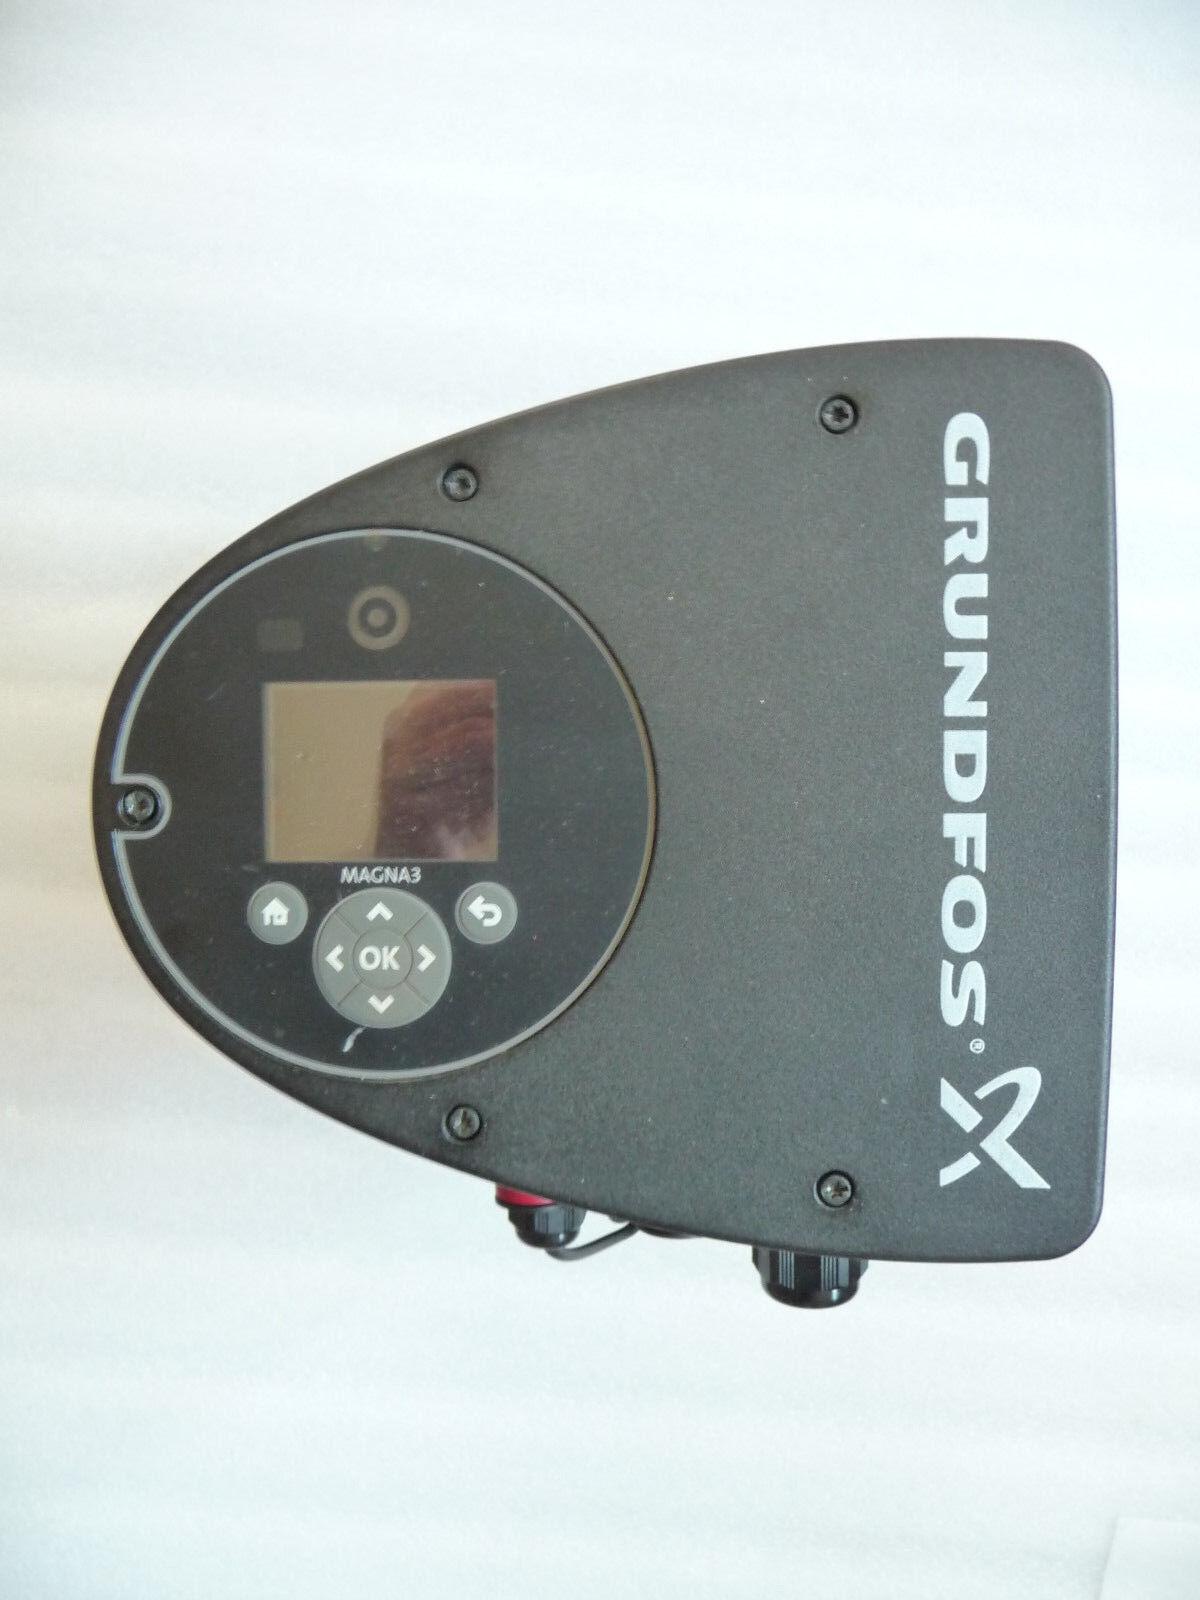 Grundfos Magna3 50 - 60 F 97924281 Heizungspumpe 230 Volt gebraucht 240 mm P37